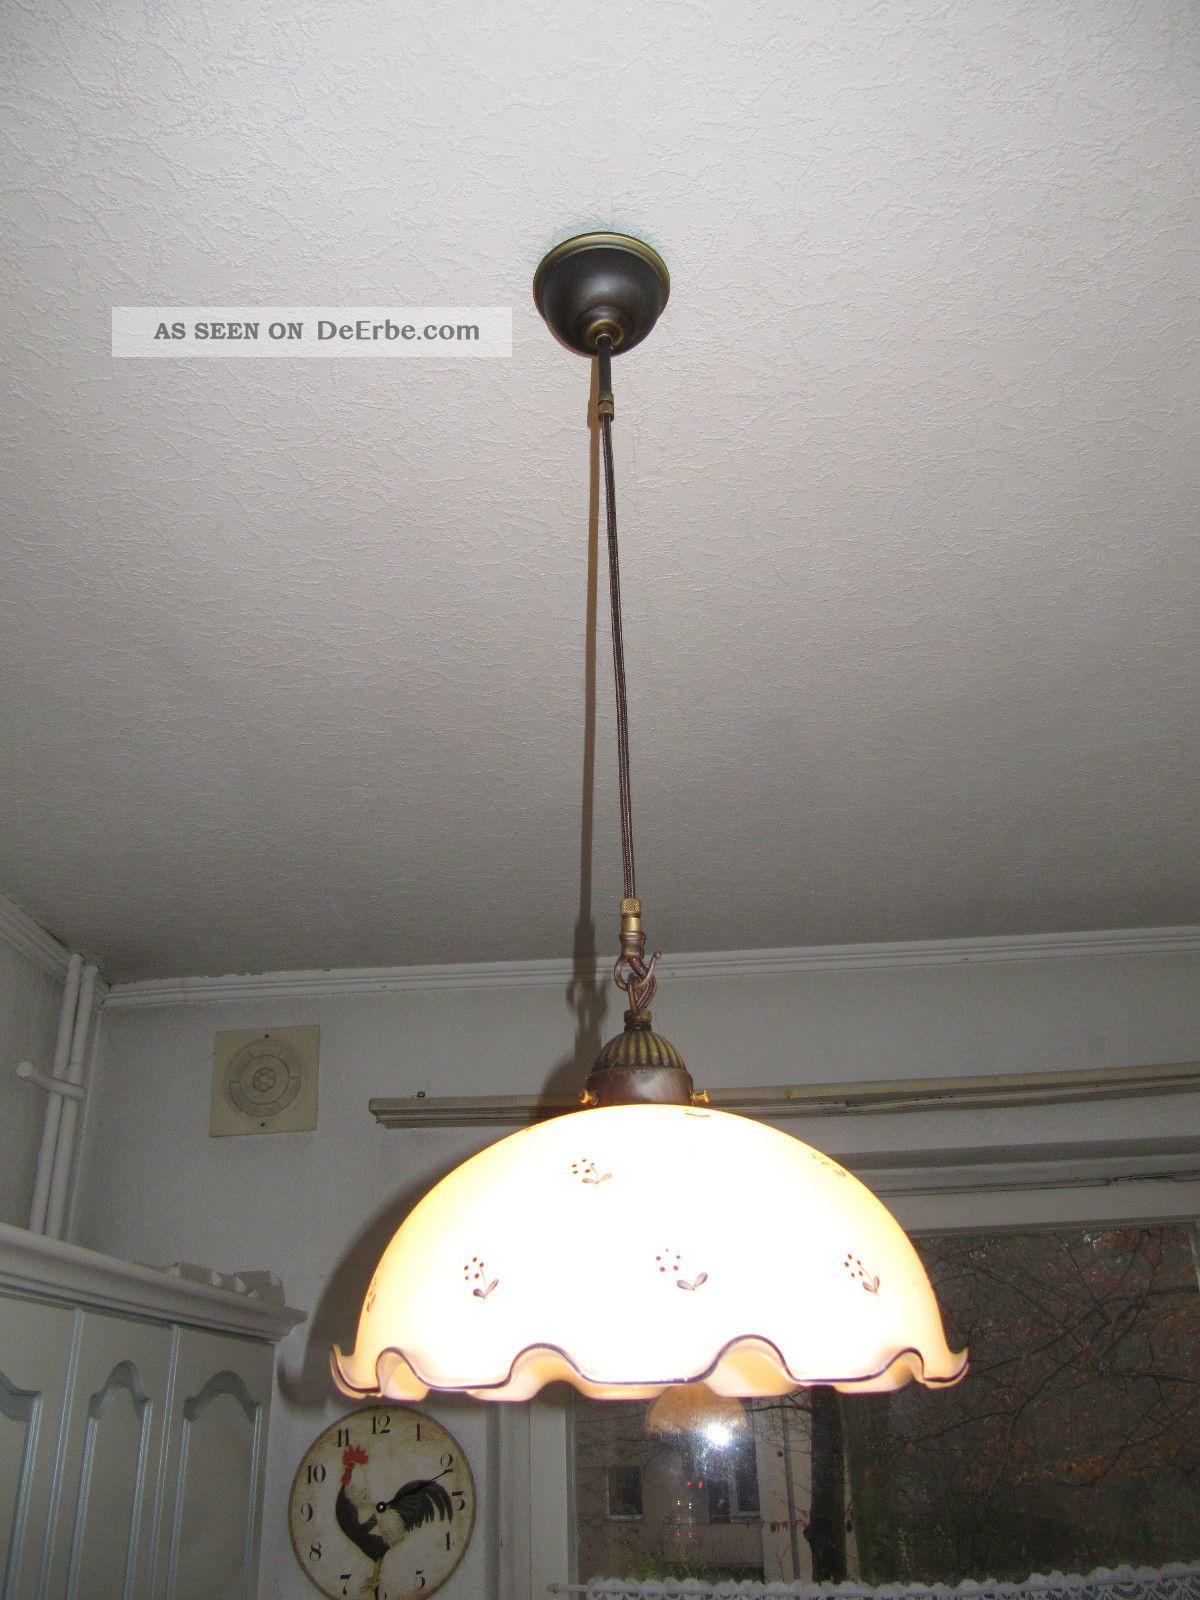 Full Size of Mobiliar Interieur Antiquitten Schlafzimmer Landhausstil Regal Bad Boxspring Bett Sofa Weiß Wohnzimmer Küche Betten Esstisch Wohnzimmer Küchenlampe Landhausstil